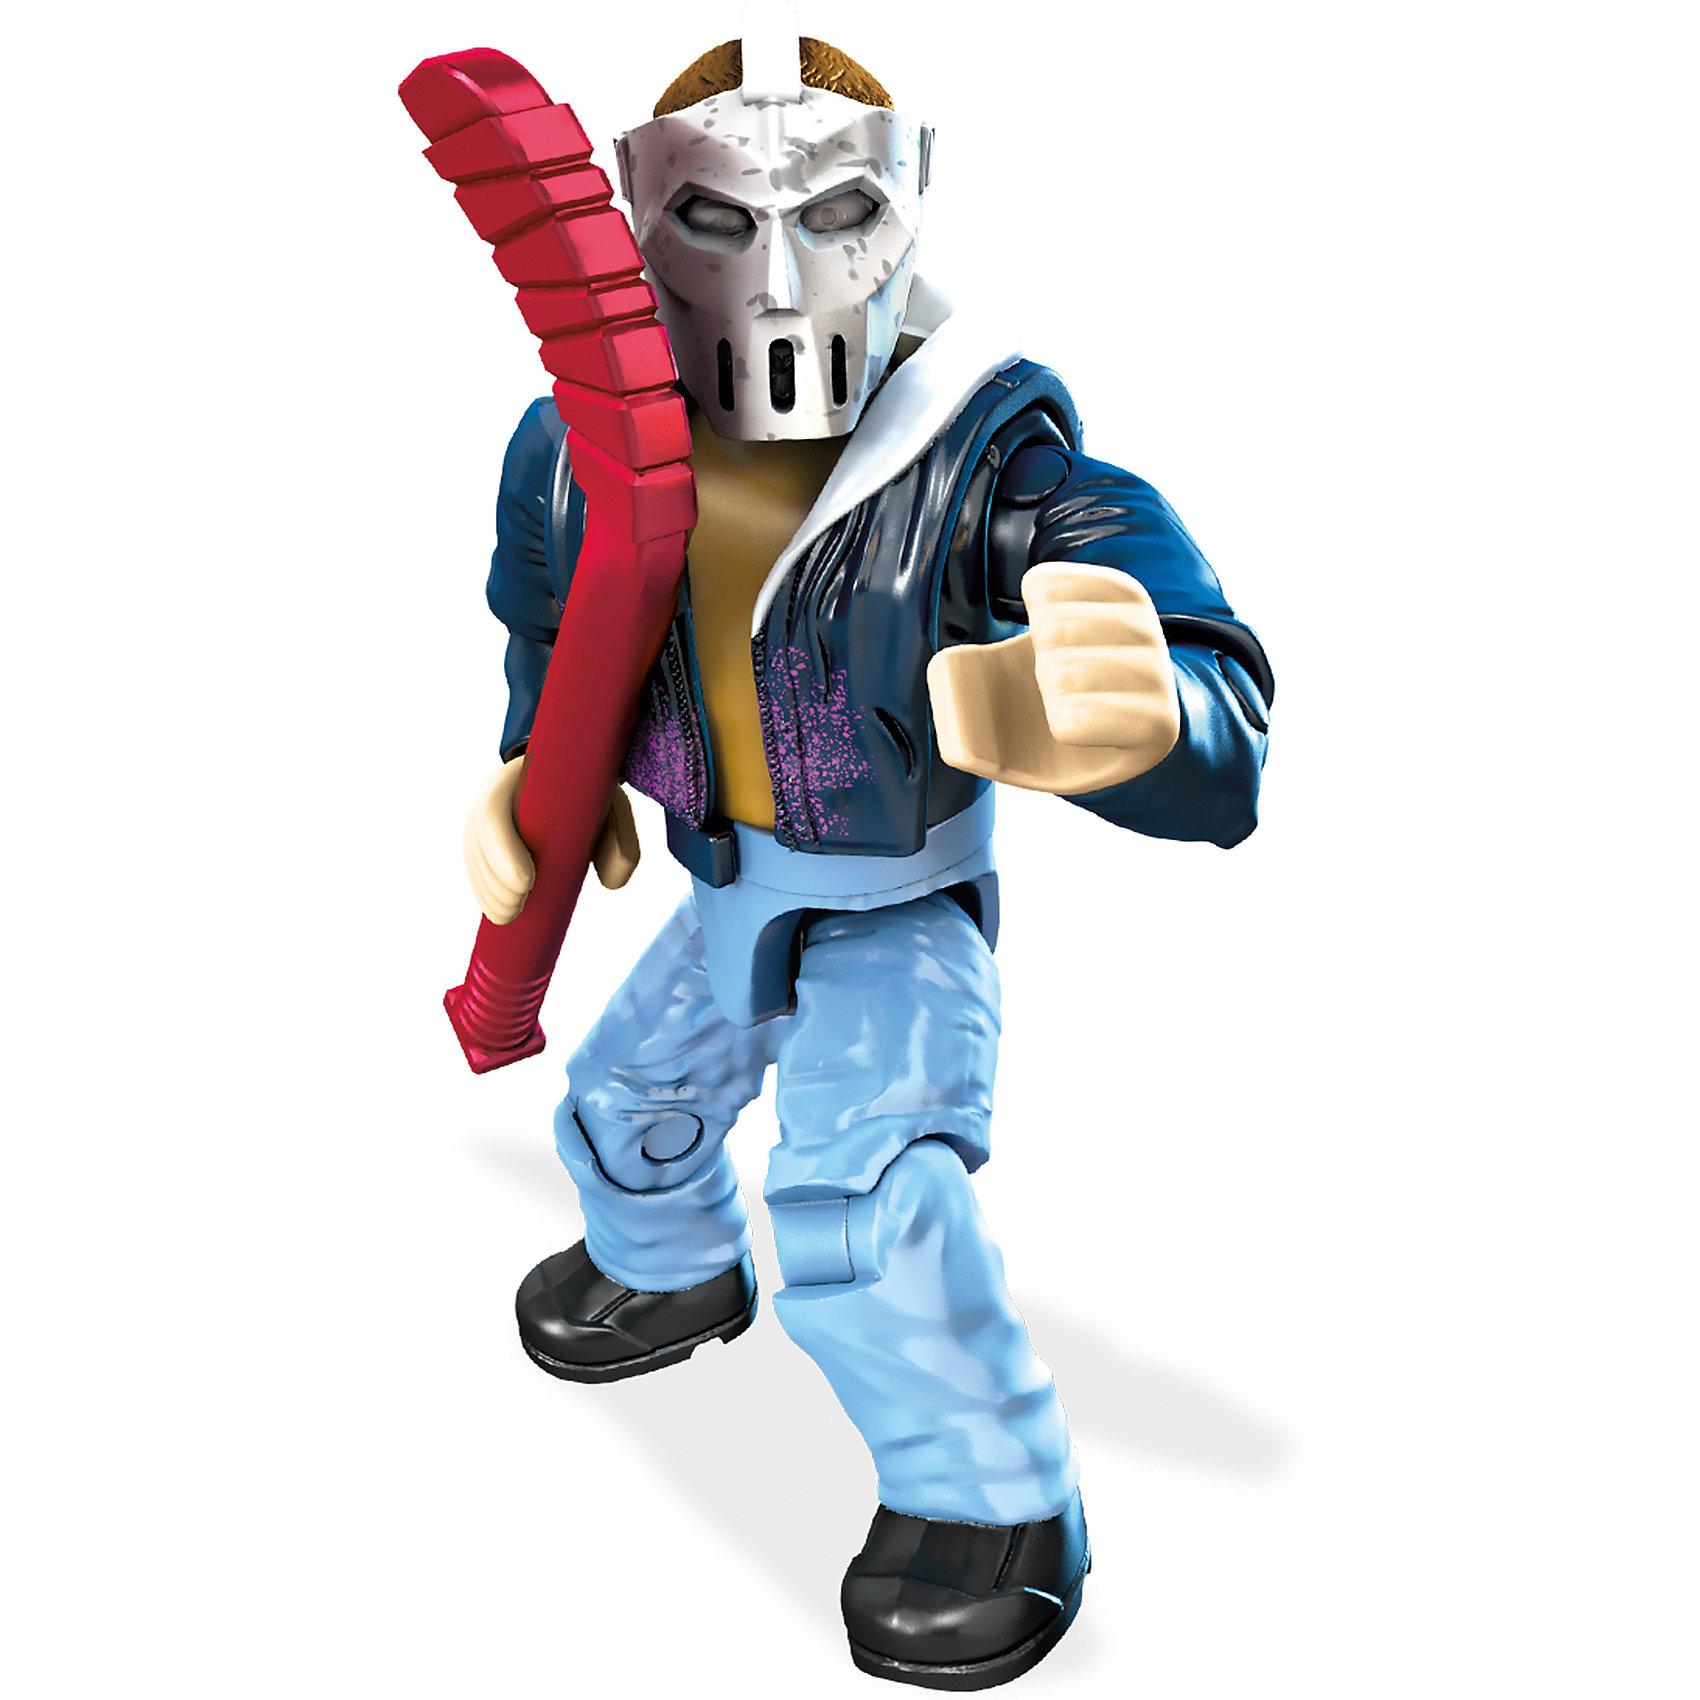 Фигурка персонажа фильма Черепашки Ниндзя II, Mega BloksФигурка Кейси Джонс, Mega Bloks (Мега Блокс) ? один из героев персонажей фильма «Черепашки-ниндзя II». Коллекционная фигурка выполнена из безопасного пластика с яркими цветами, устойчивыми к повреждениям. Фигурка обладает 11 подвижными элементами и включает аксессуары, характерные для персонажа. Оружие фиксируется в руках.<br>Все элементы фигурки выполнены с точной детализацией героя фильма «Черепашки-ниндзя II». Кейси Джонс ? друг черепашек, который сражается с преступностью, виртуозно владеет техникой рукопашного боя. В этой серии фигурка представлена с одним из излюбленных оружием ? хоккейной клюшкой.<br>Фигурка Кейси Джонса, Mega Bloks (Мега Блокс) позволит вашему ребенку не только воспроизвести истории и сюжеты из фильма, но и придумать свою, новую историю борьбы с несправедливостью и преступностью.<br>Сюжетно-ролевые игры на основе конструктора позволят вашему ребенку развивать логическое мышление, воображение, а также тренировать память. <br><br>Дополнительная информация:<br><br>- Вид игр: сюжетно-ролевые <br>- Предназначение: для дома<br>- Материал: пластик<br>- Размер (Д*Ш*В): 2,5*9*12,5 см<br>- Вес: 14 г <br>- Особенности ухода: фигурки можно мыть в теплой мыльной воде<br><br>Подробнее:<br><br>• Для детей в возрасте: от 6 лет и до 12 лет<br>• Страна производитель: Китай<br>• Торговый бренд: Mega Bloks<br><br>Фигурку Кейси Джонса, Mega Bloks (Мега Блокс), можно купить в нашем интернет-магазине.<br><br>Ширина мм: 25<br>Глубина мм: 90<br>Высота мм: 125<br>Вес г: 14<br>Возраст от месяцев: 72<br>Возраст до месяцев: 144<br>Пол: Мужской<br>Возраст: Детский<br>SKU: 4867669